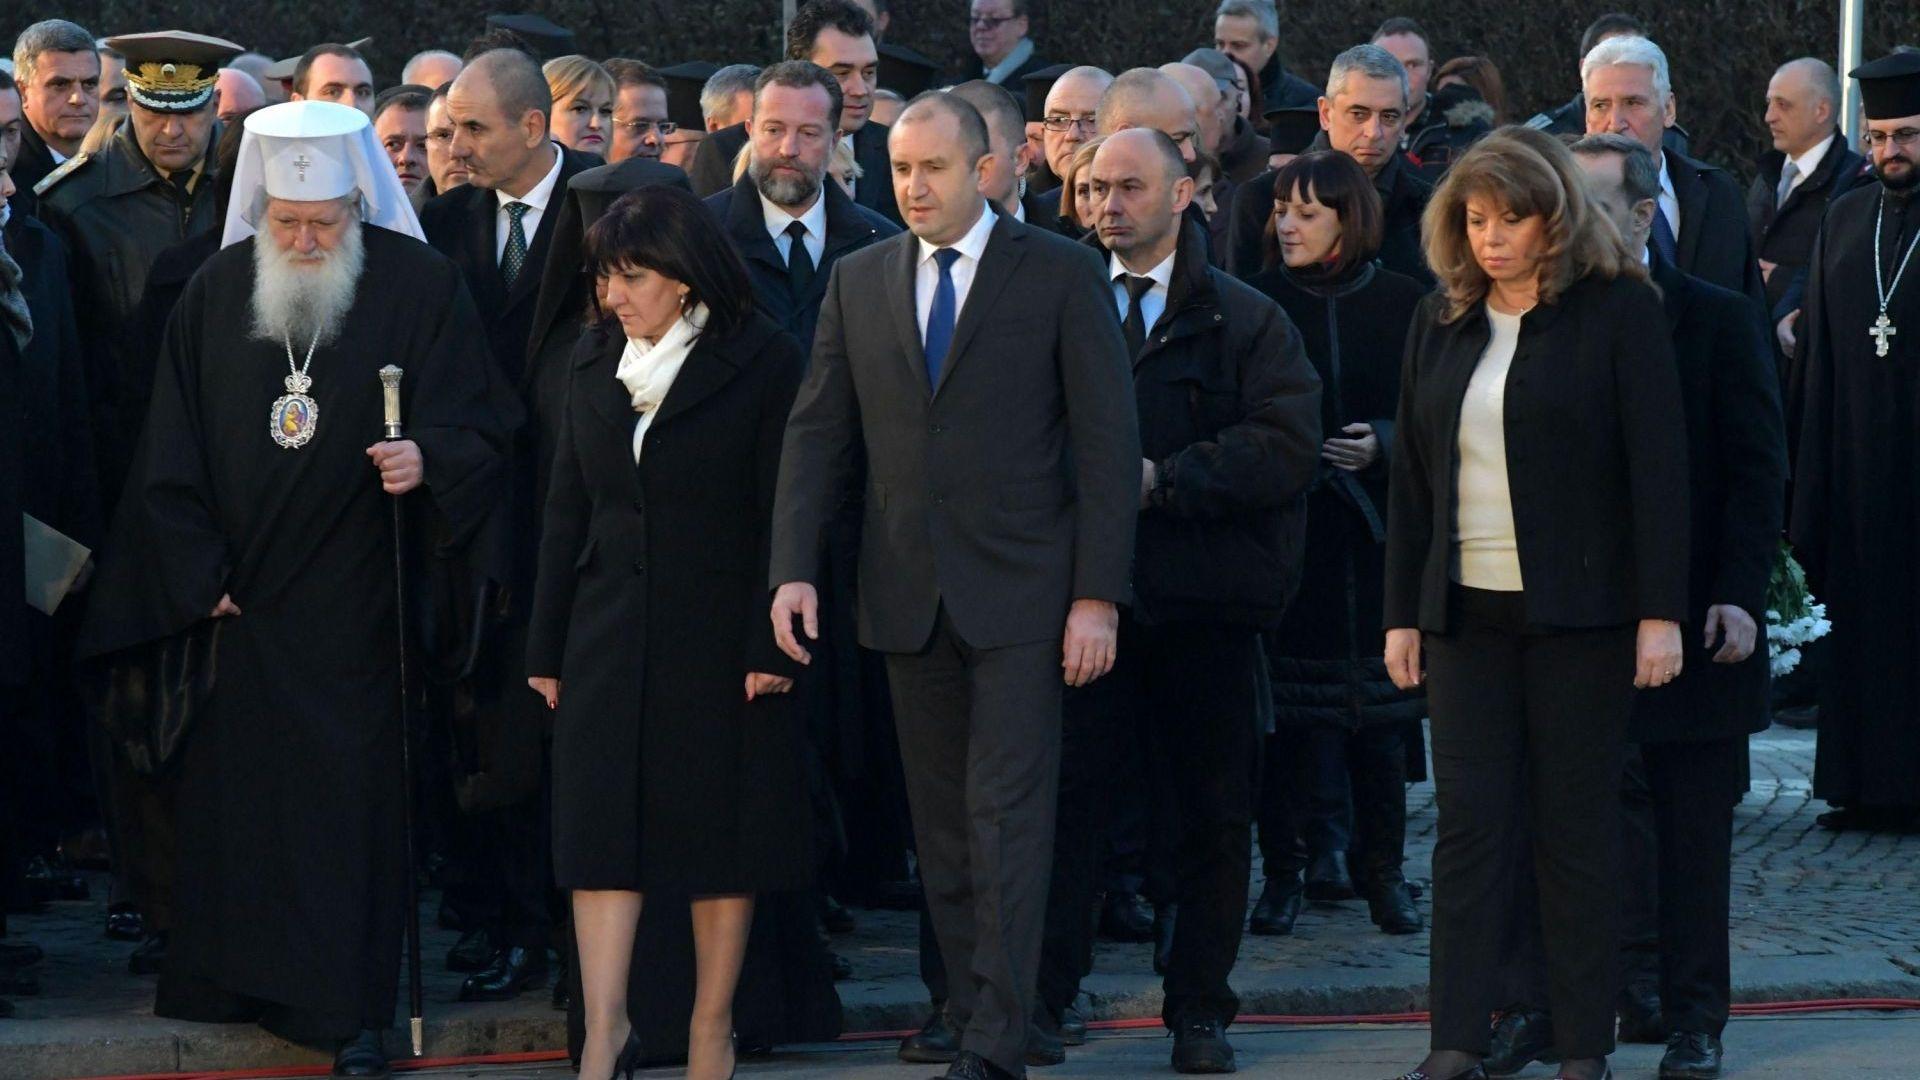 Започна възпоменателната церемония по повод 146 години от обесването на